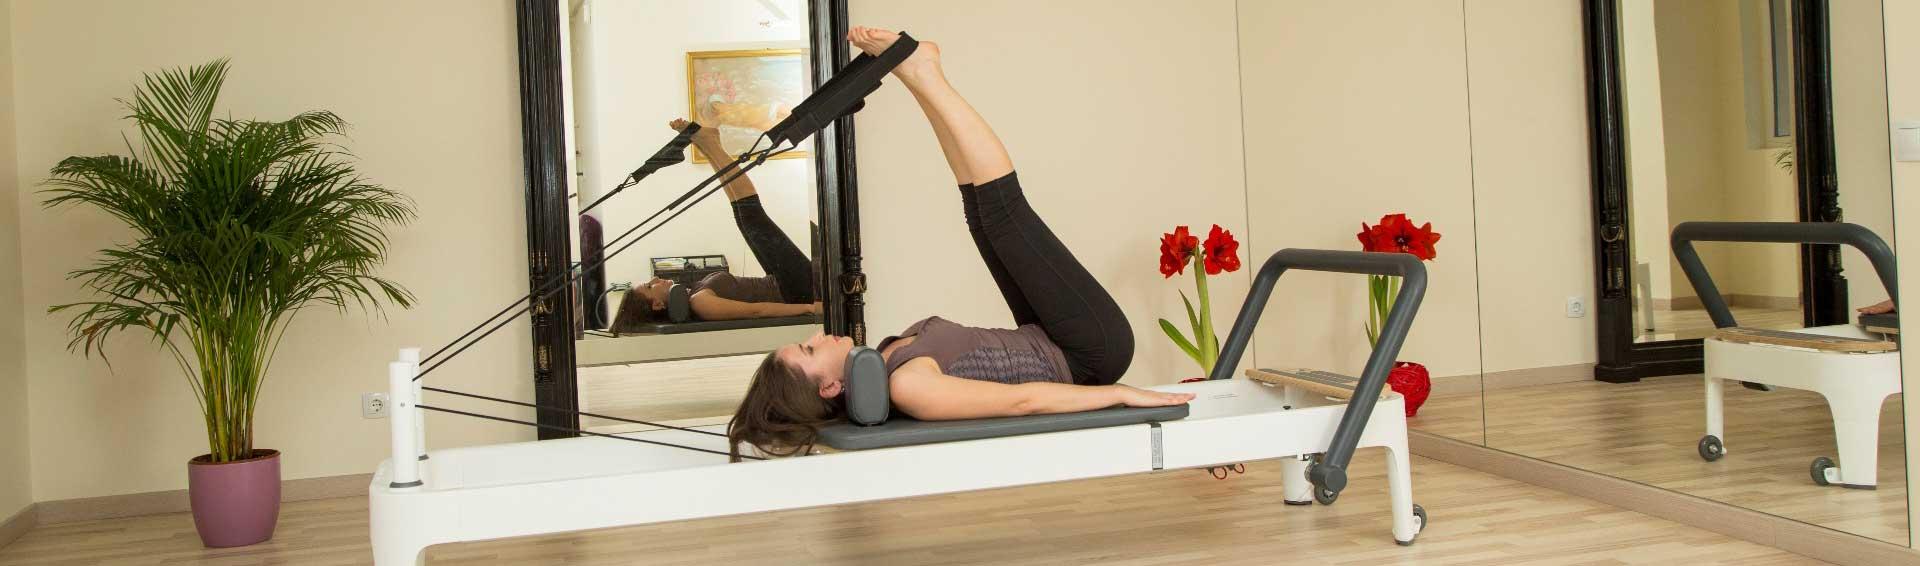 Rose Pilates Studio